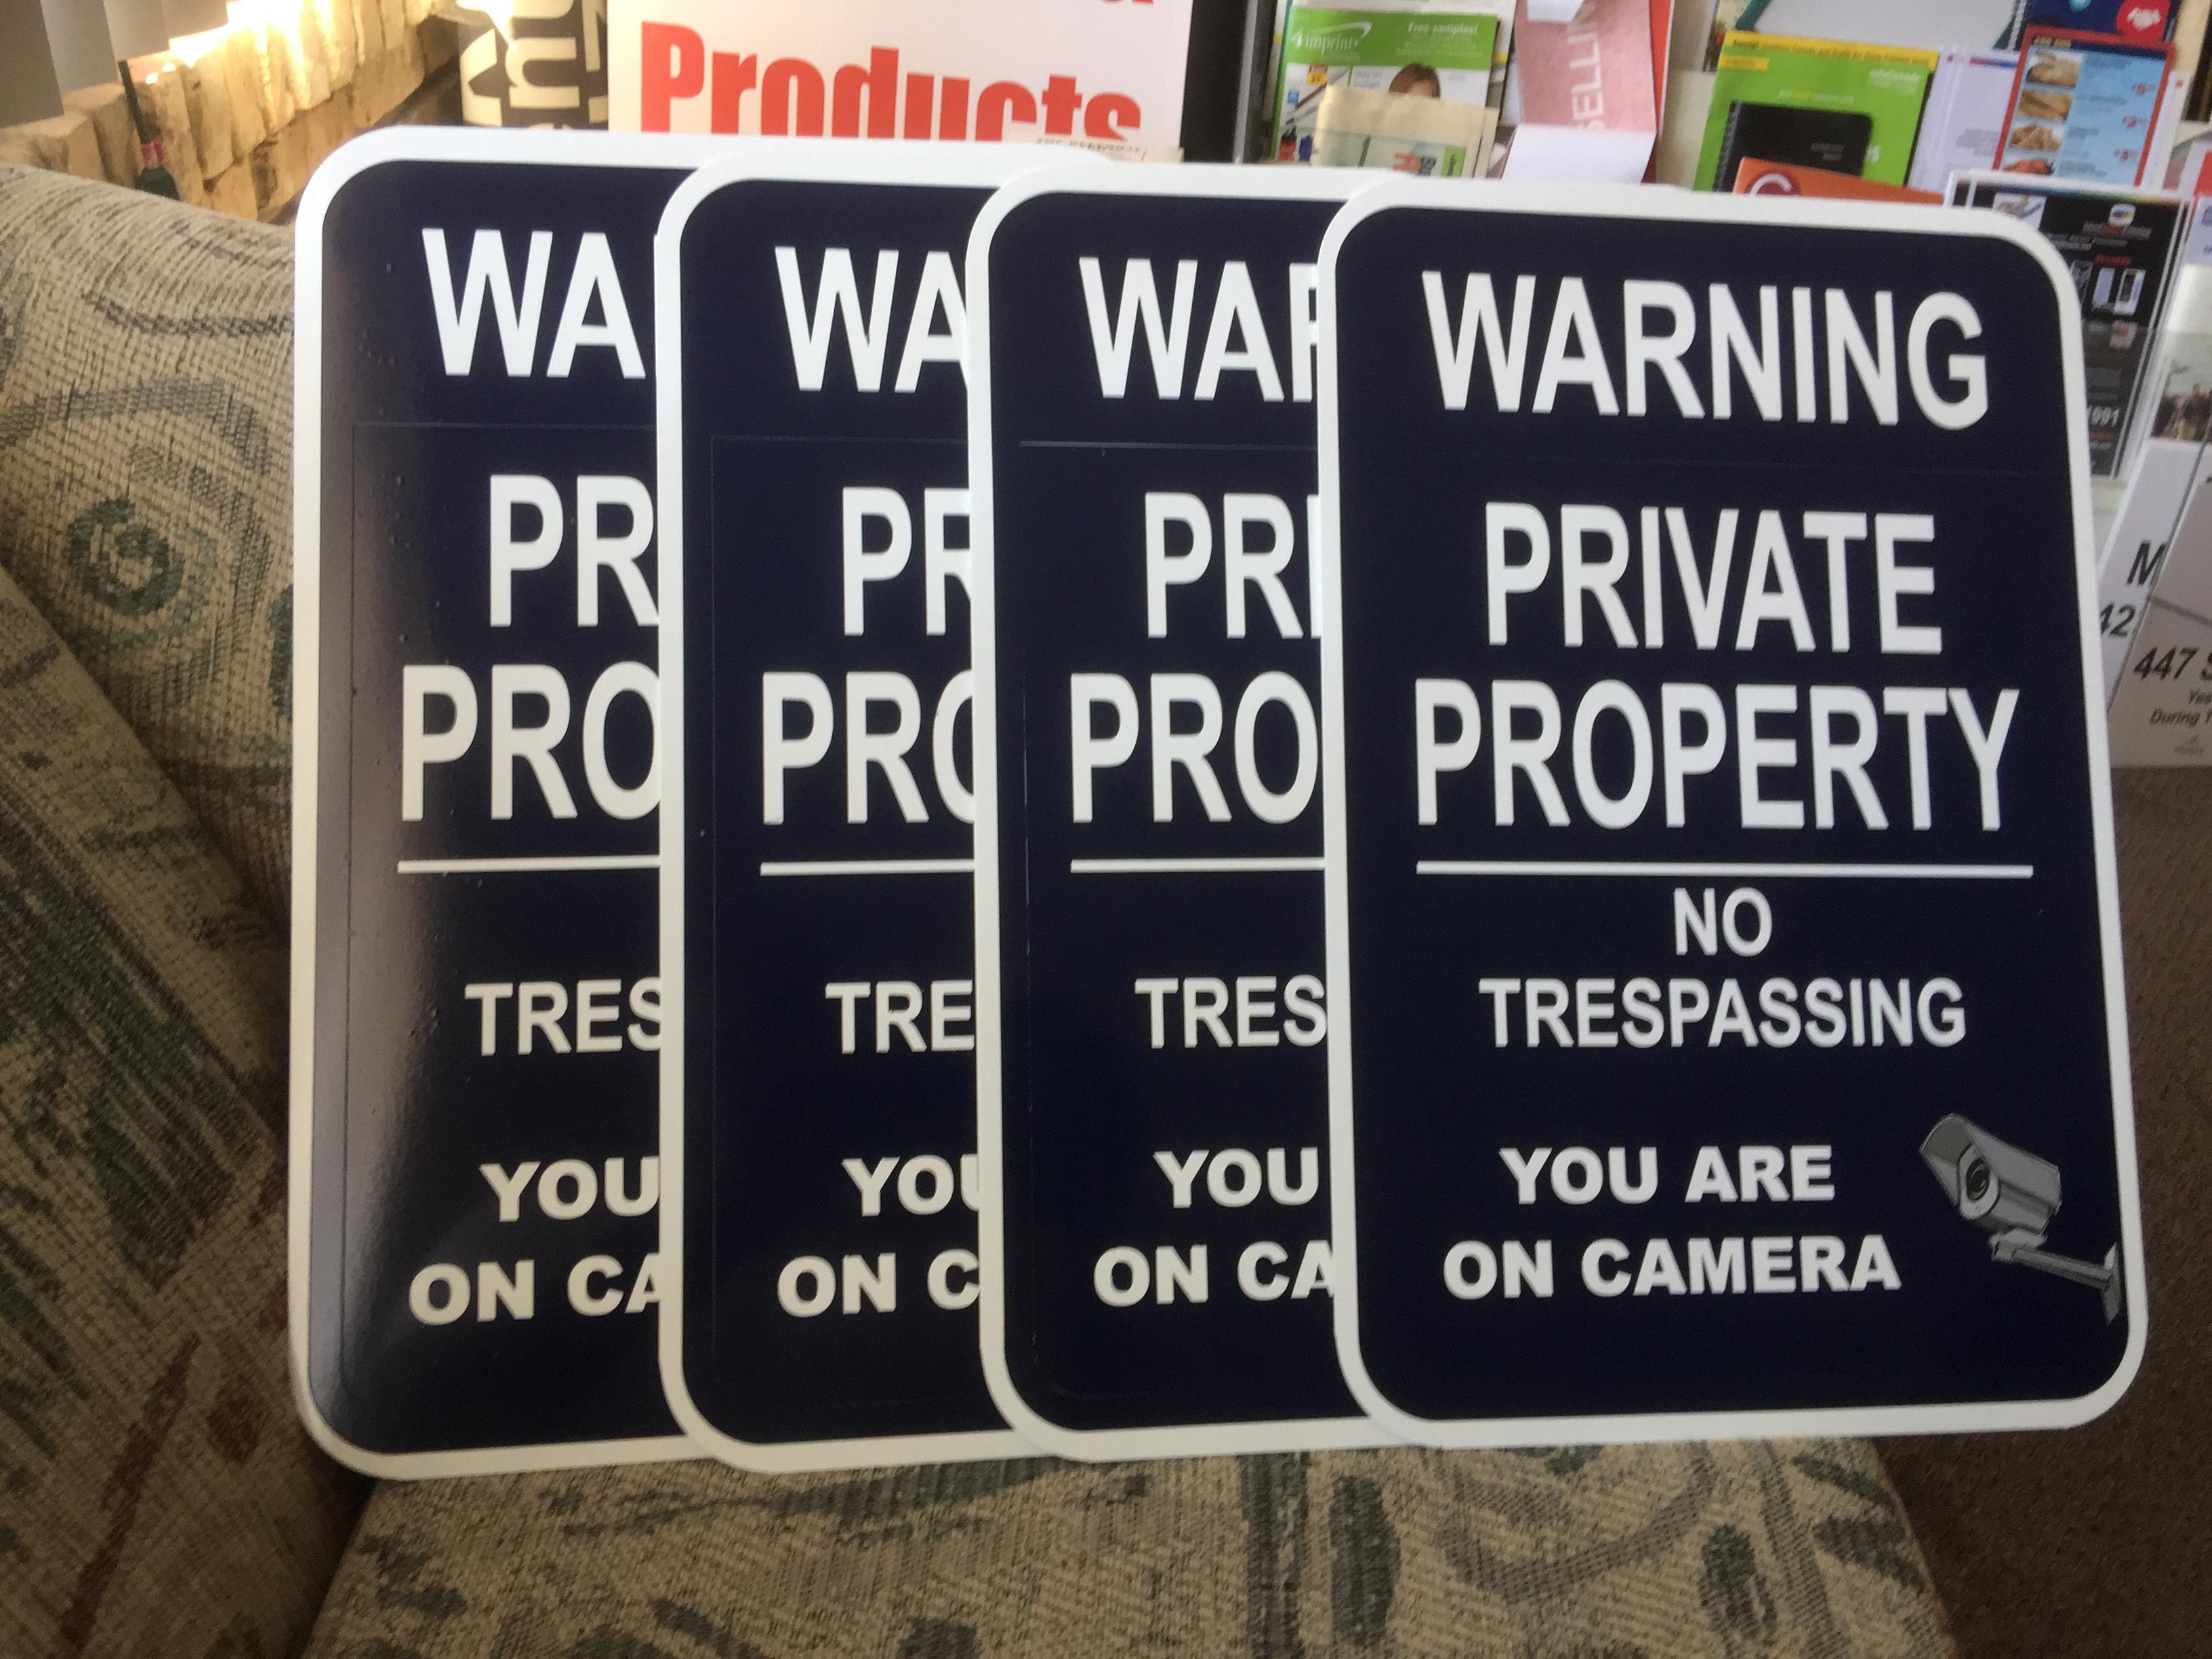 https://0901.nccdn.net/4_2/000/000/038/2d3/private-property-signs.JPG